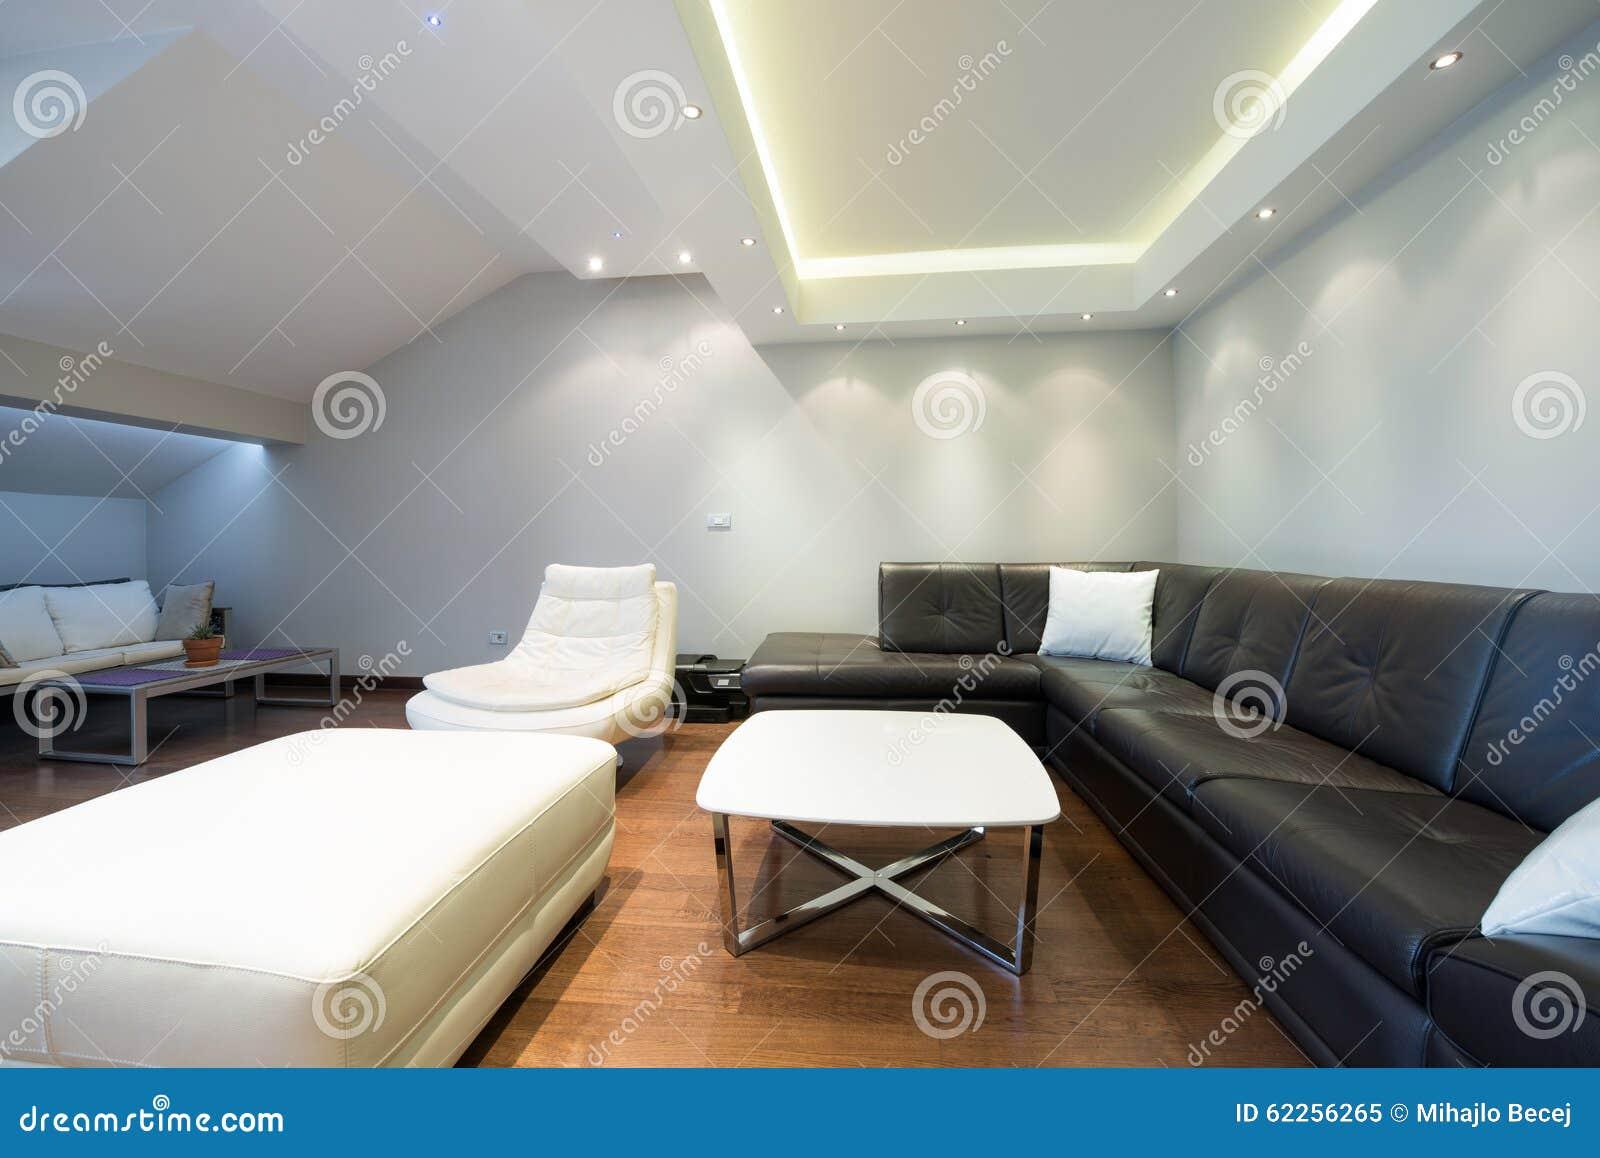 Intérieur D\'un Salon De Luxe Spacieux Avec Le Plafond Coloré Image ...